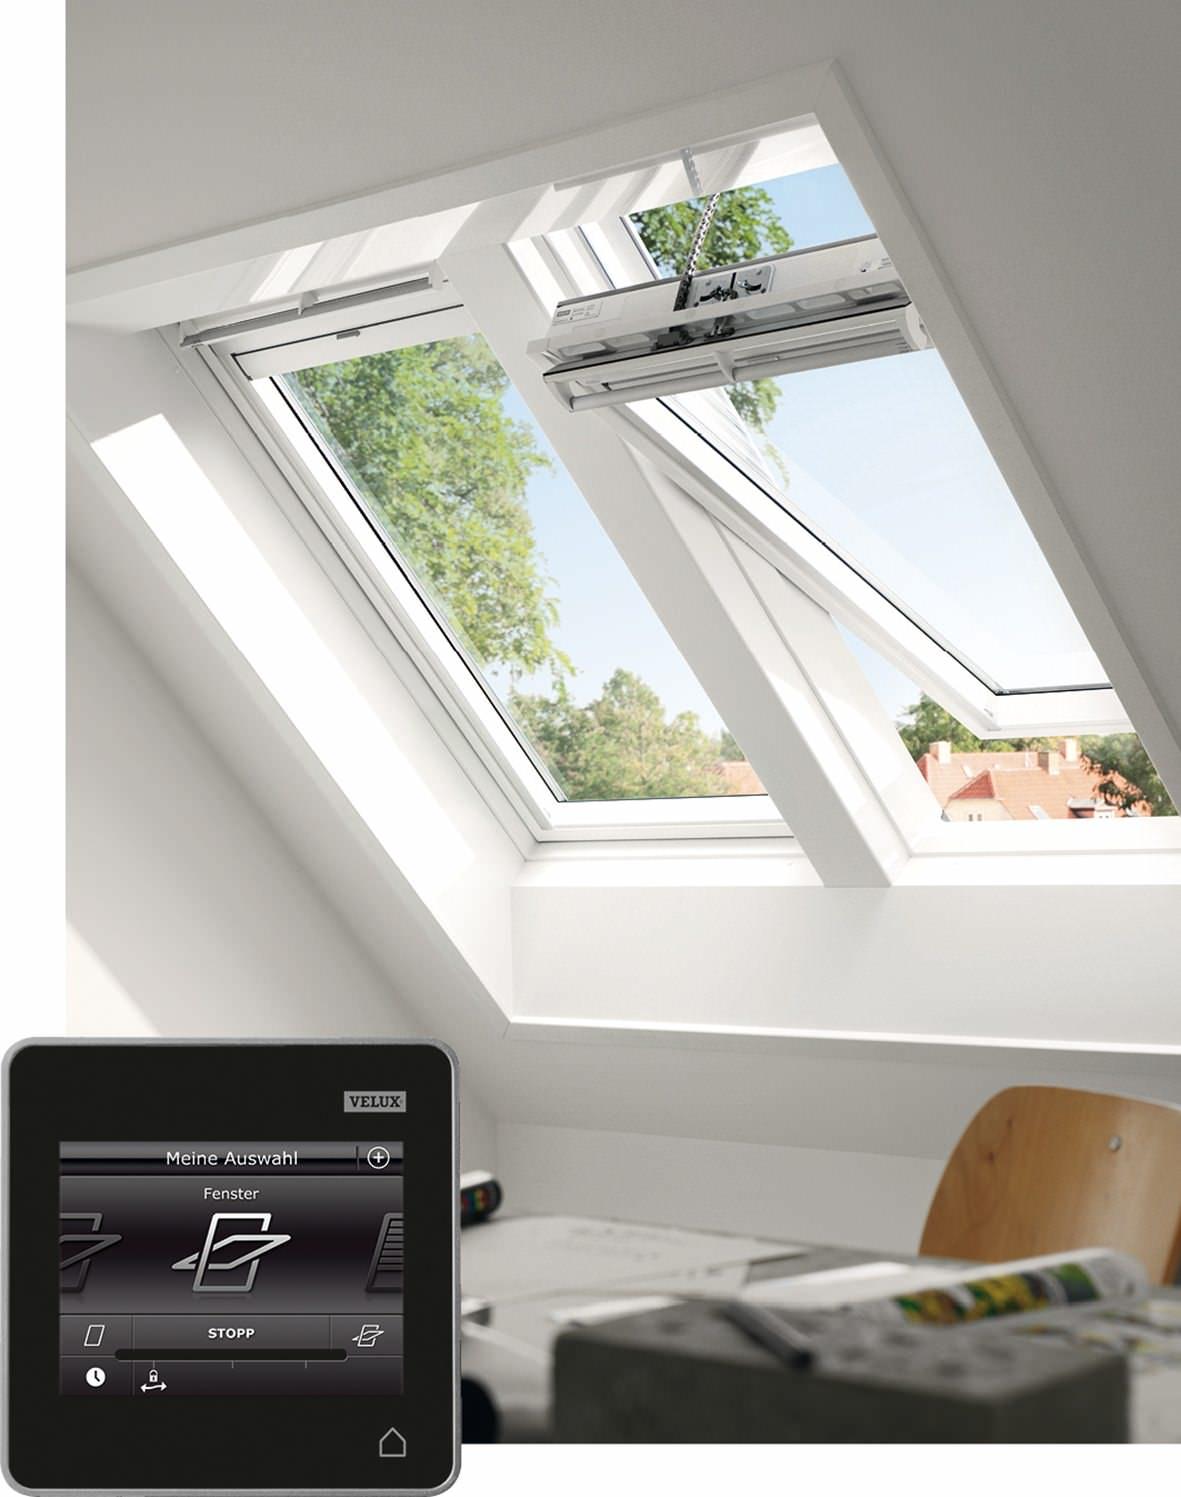 velux dachfenster ggu 036630 kunststoff integra solarfenster energie plus titanzink. Black Bedroom Furniture Sets. Home Design Ideas